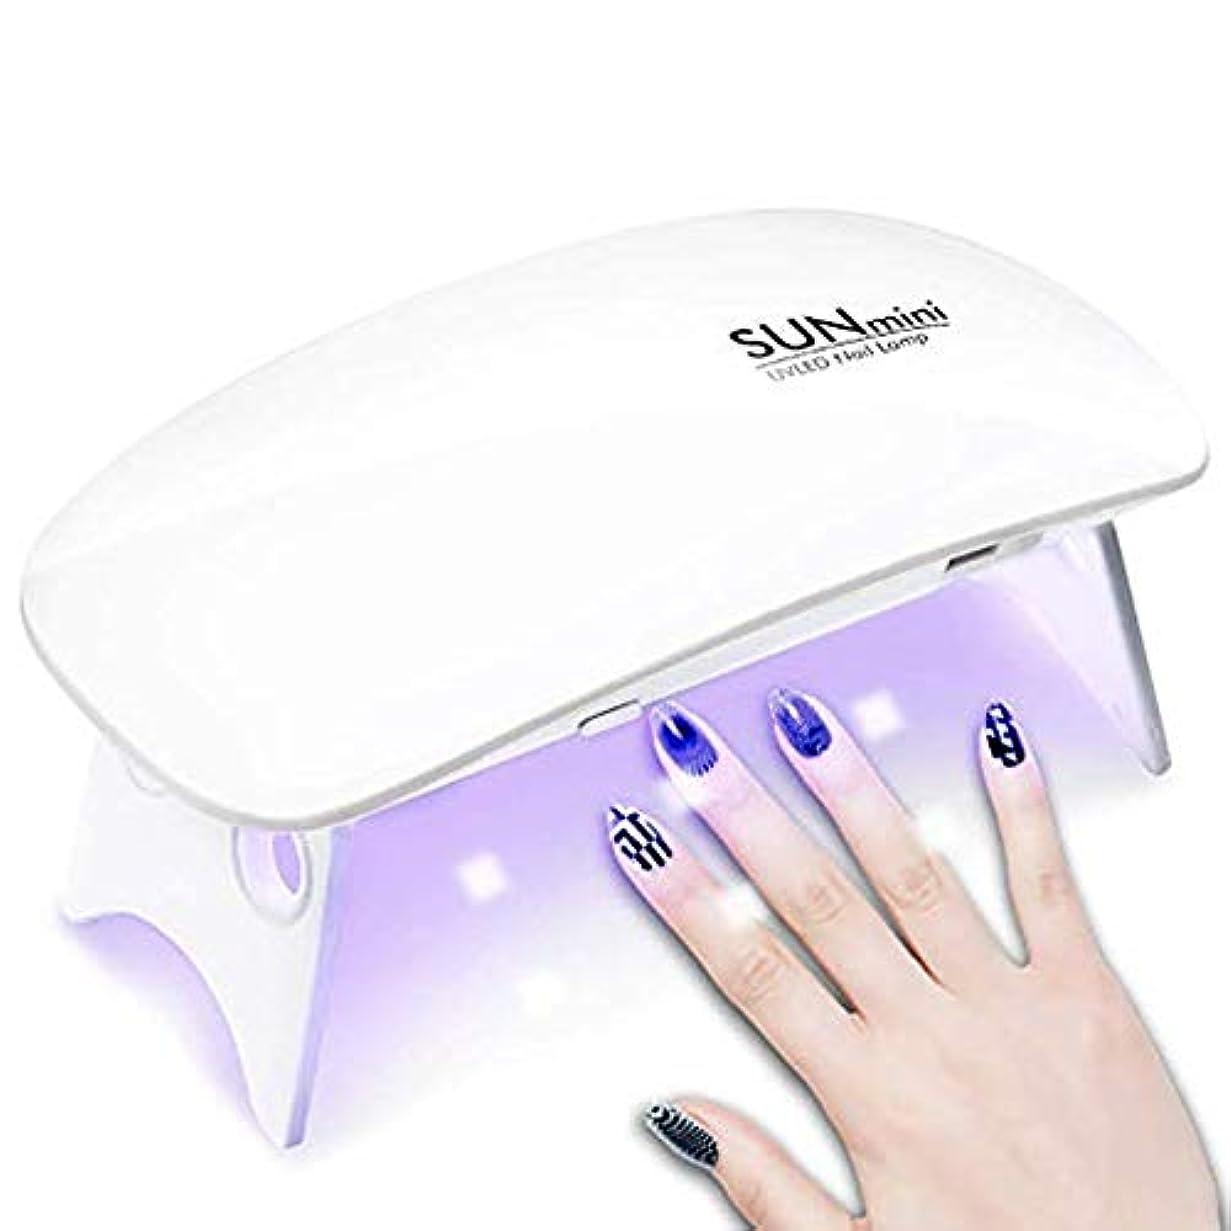 パワーセル無限土器LEDネイルドライヤー UVライト 折りたたみ式 設定可能 タイマー ジェルネイル LED 硬化ライト UV と LEDダブルライト ジェルネイル用 ホワイト